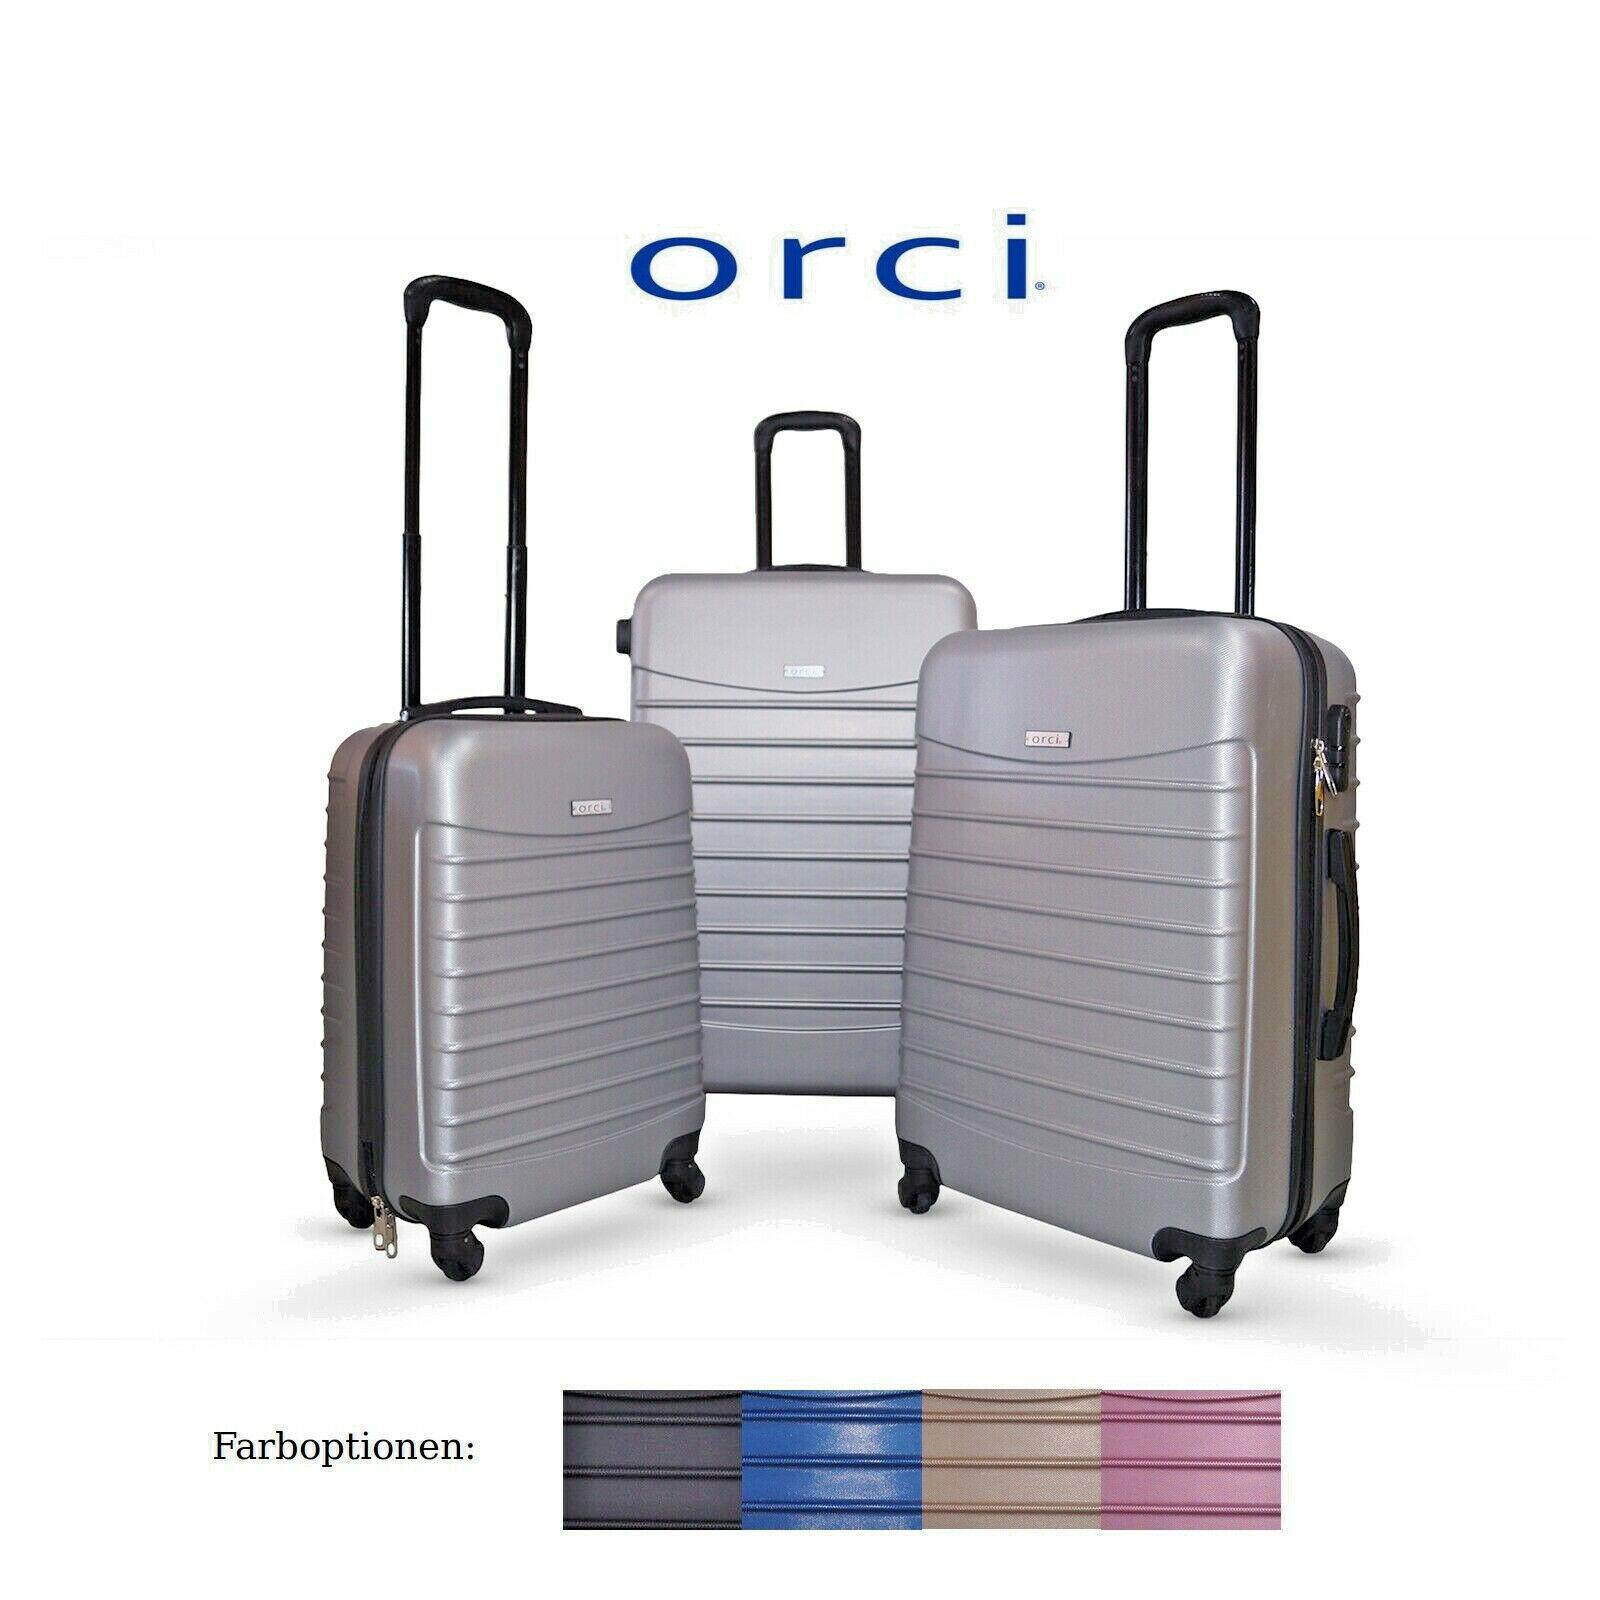 Orci Koffer Linie Reisekoffer Hartschale Trolley Kofferset Handgepäck M-L-XL-Set